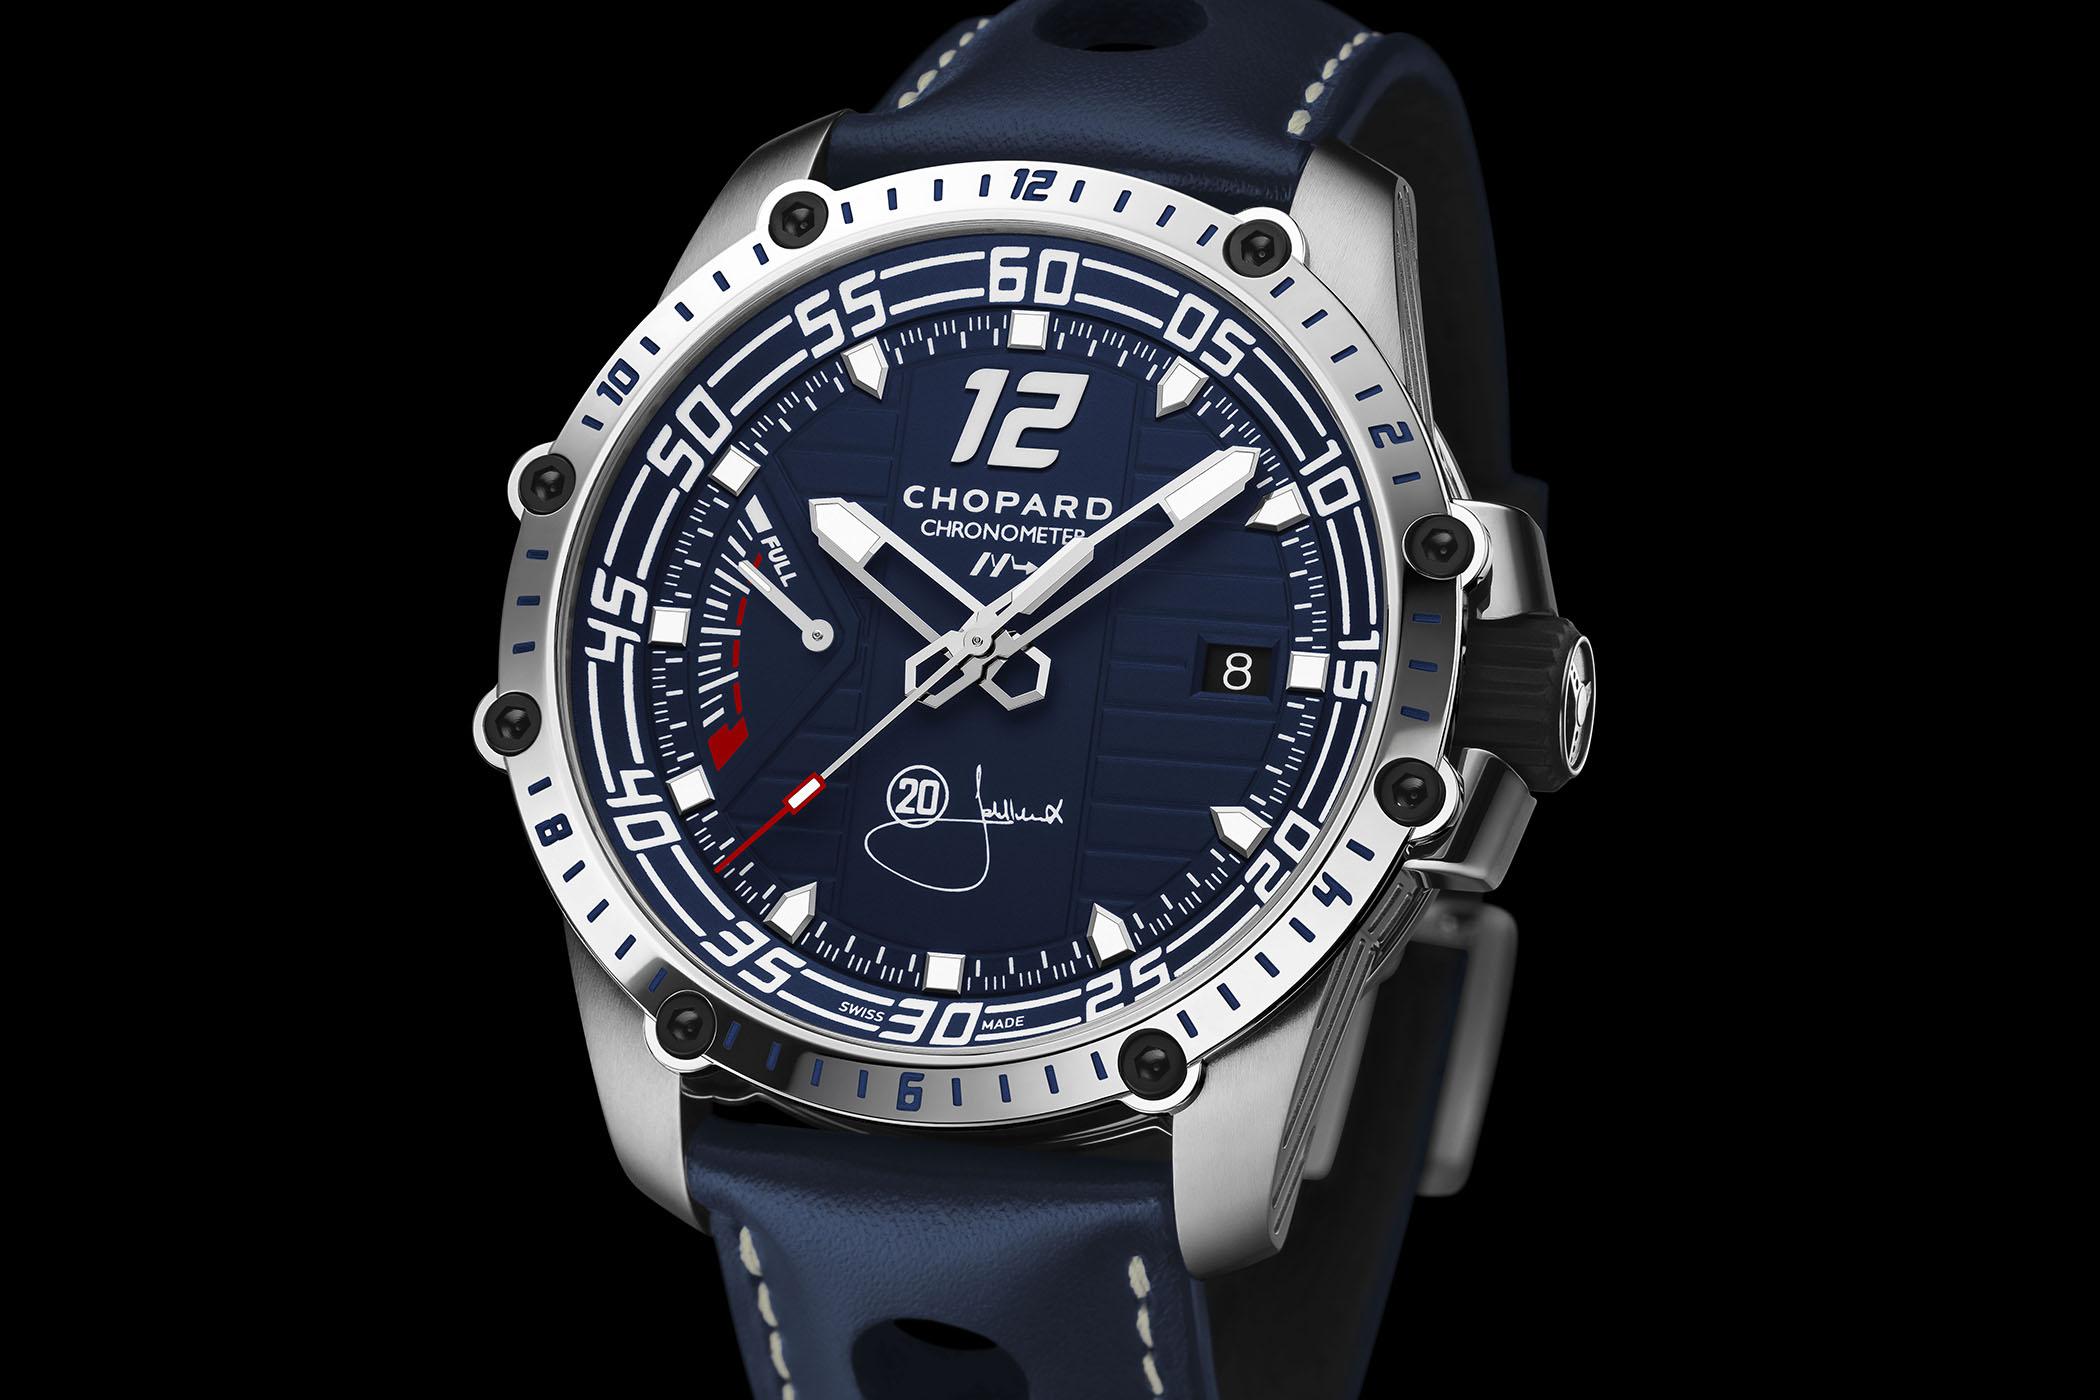 Chopard-Superfast-8-Hz-Power-Control-Porsche-919-Only-Watch-2017-2